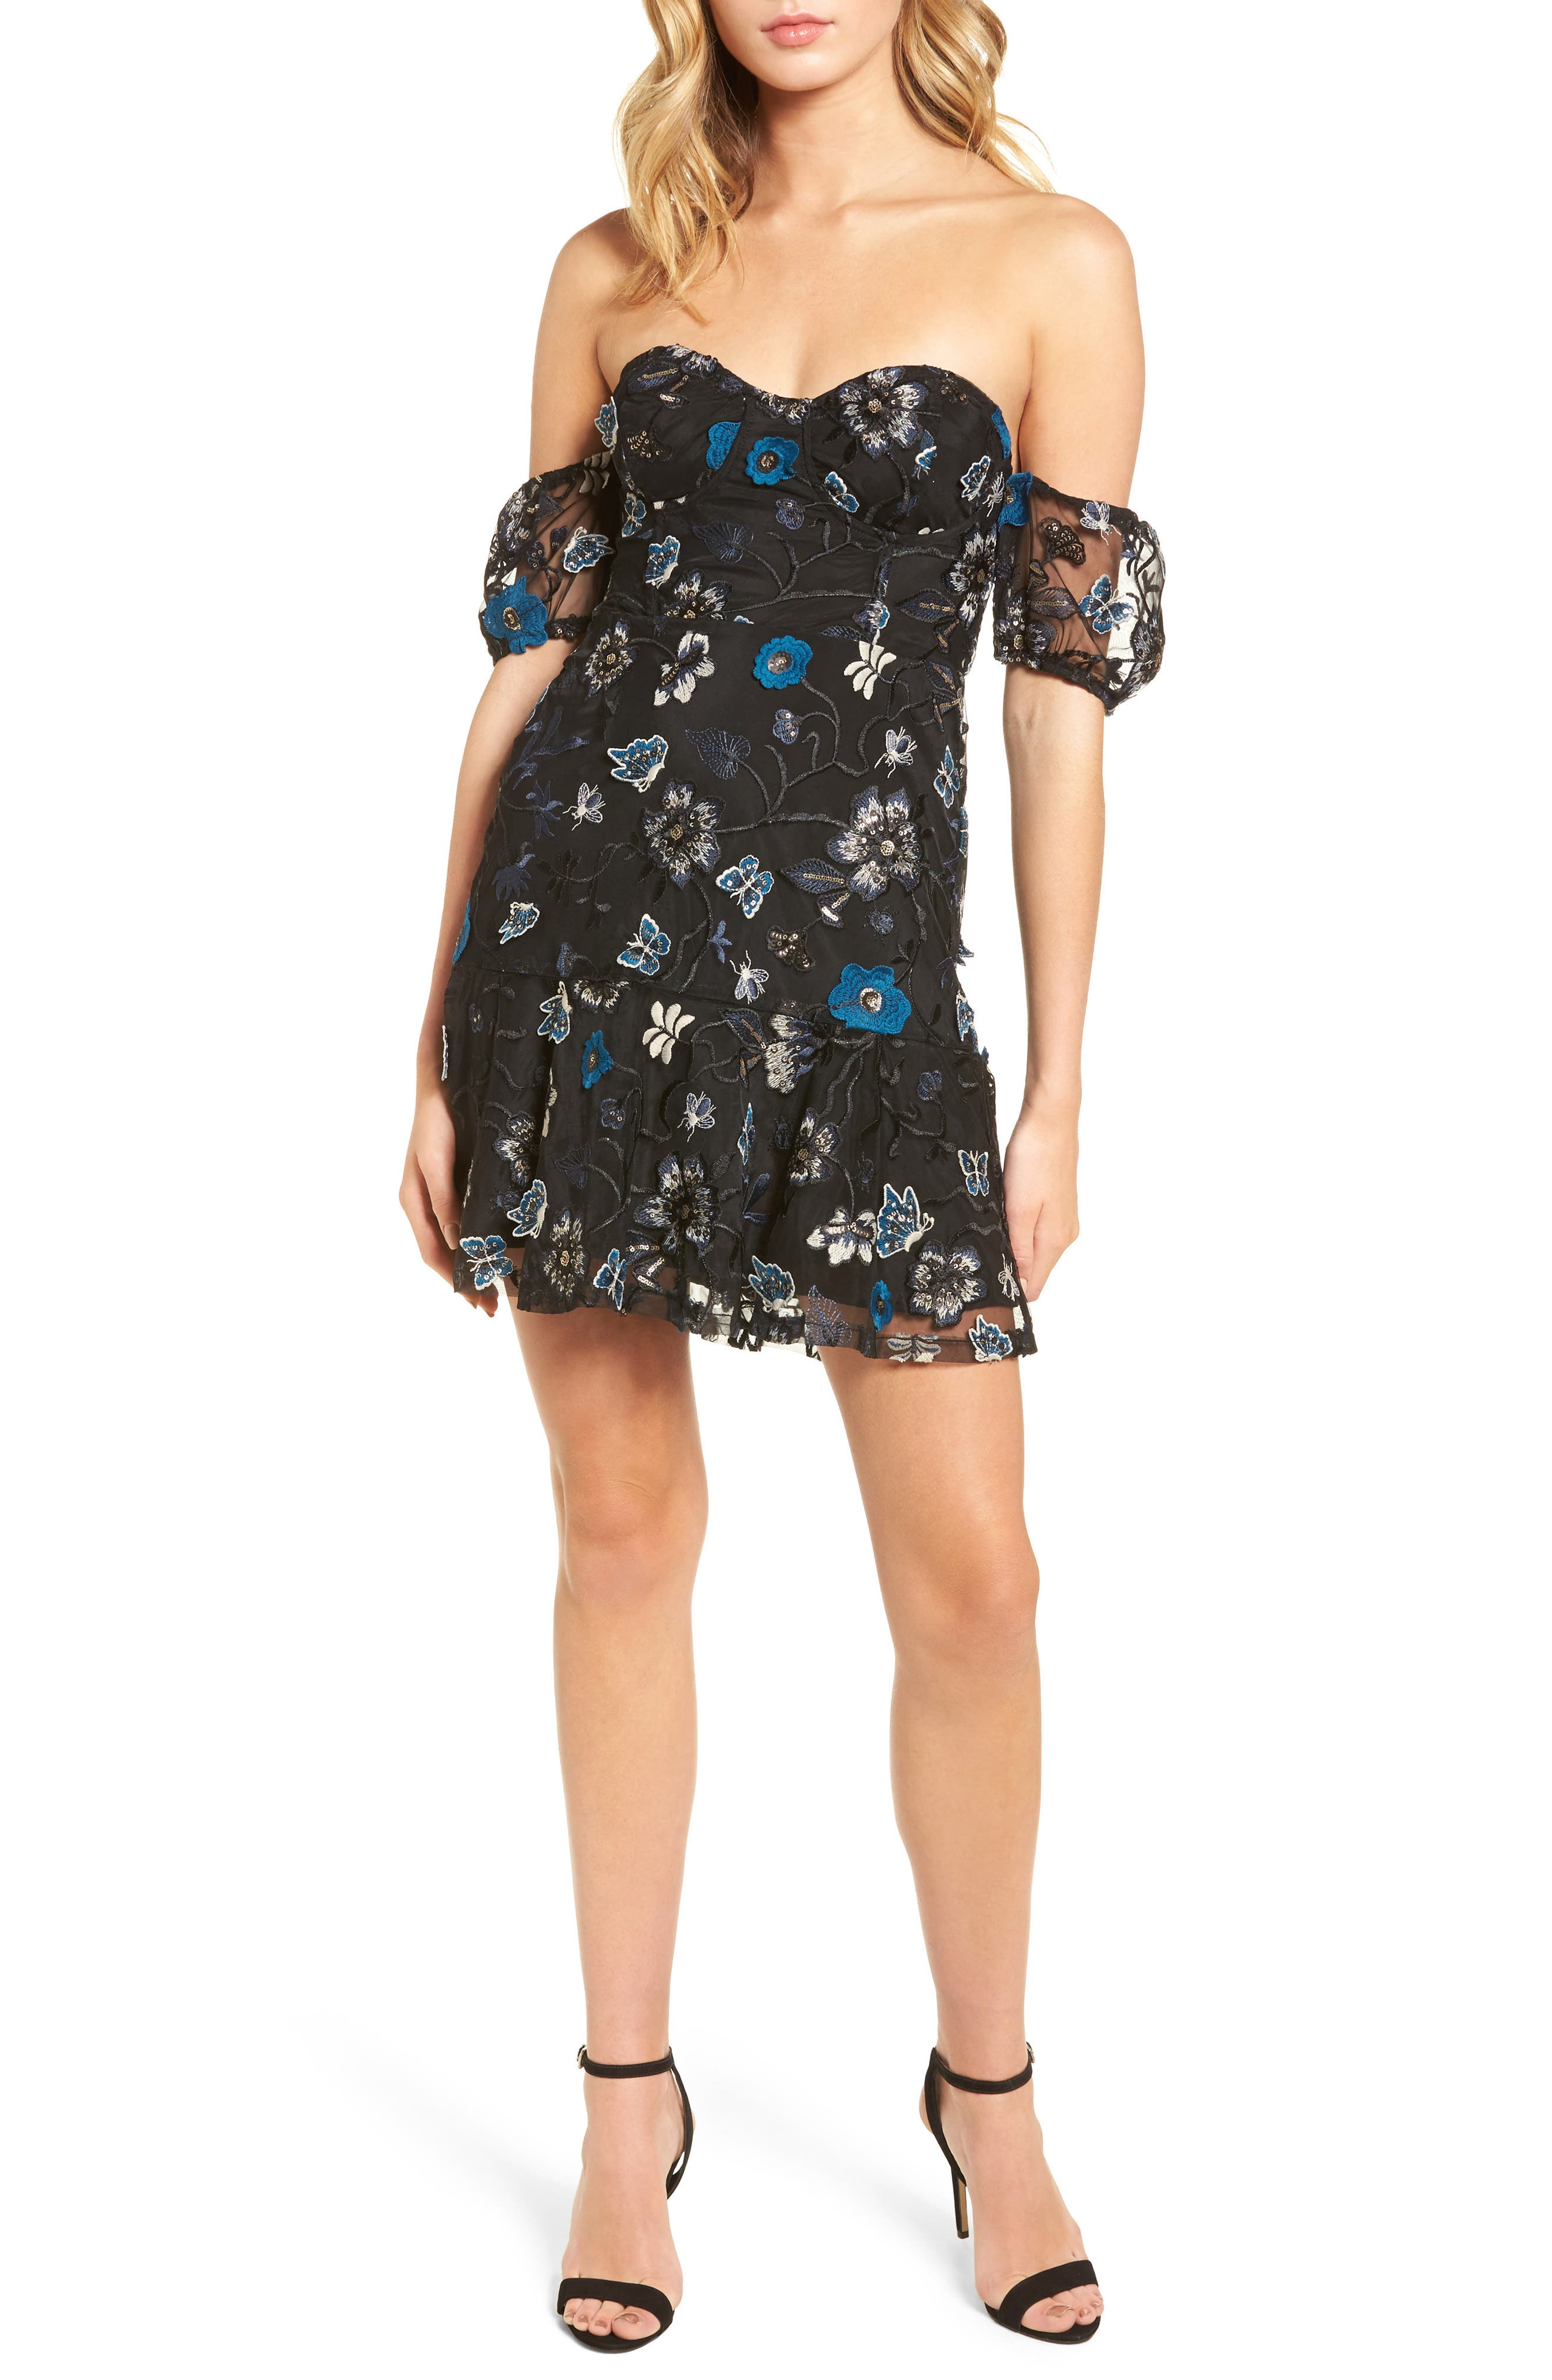 Bontanic Off the Shoulder Dress,                         Main,                         color, Black Floral